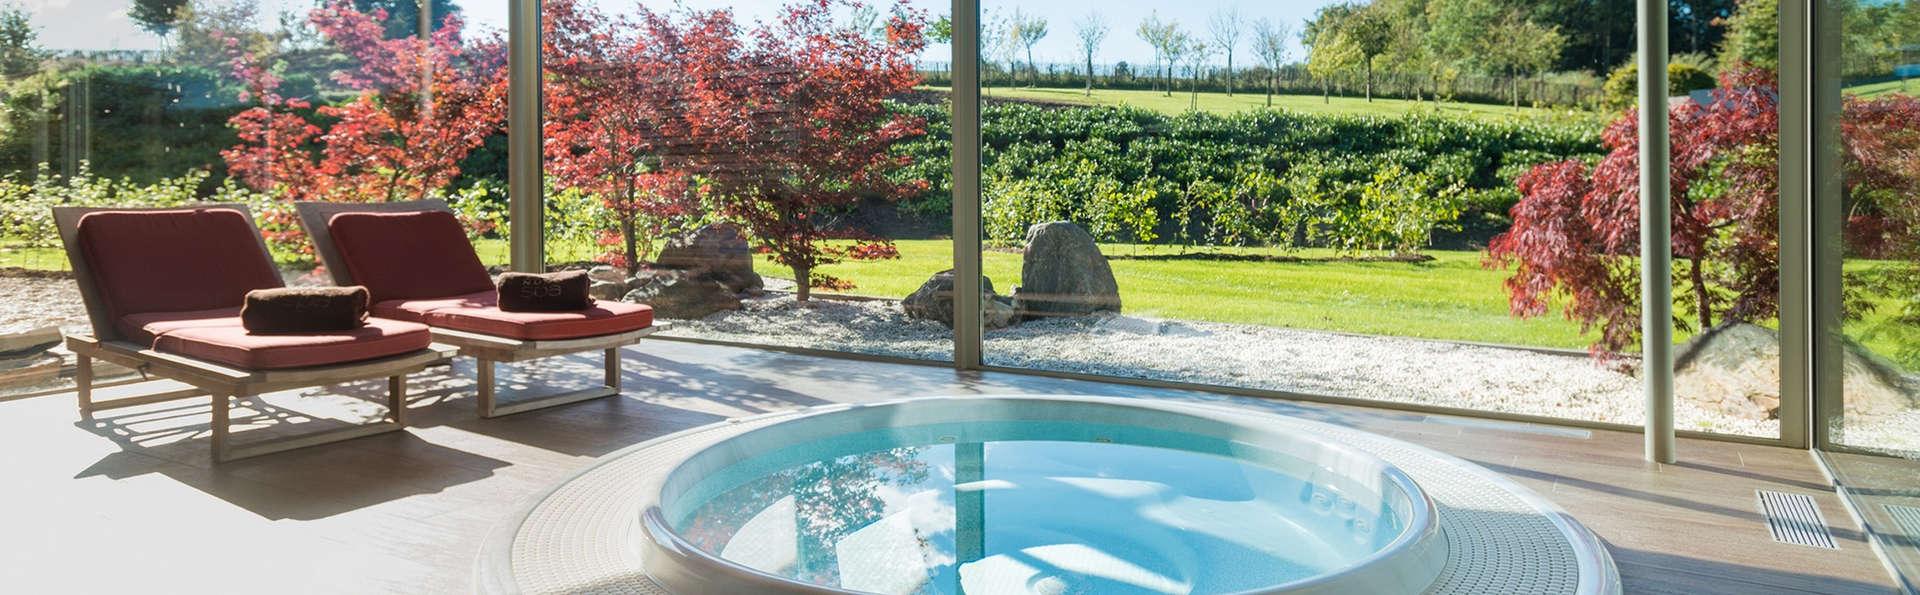 Spectaculaire spa met uitzicht op meer in hart van Ardennen